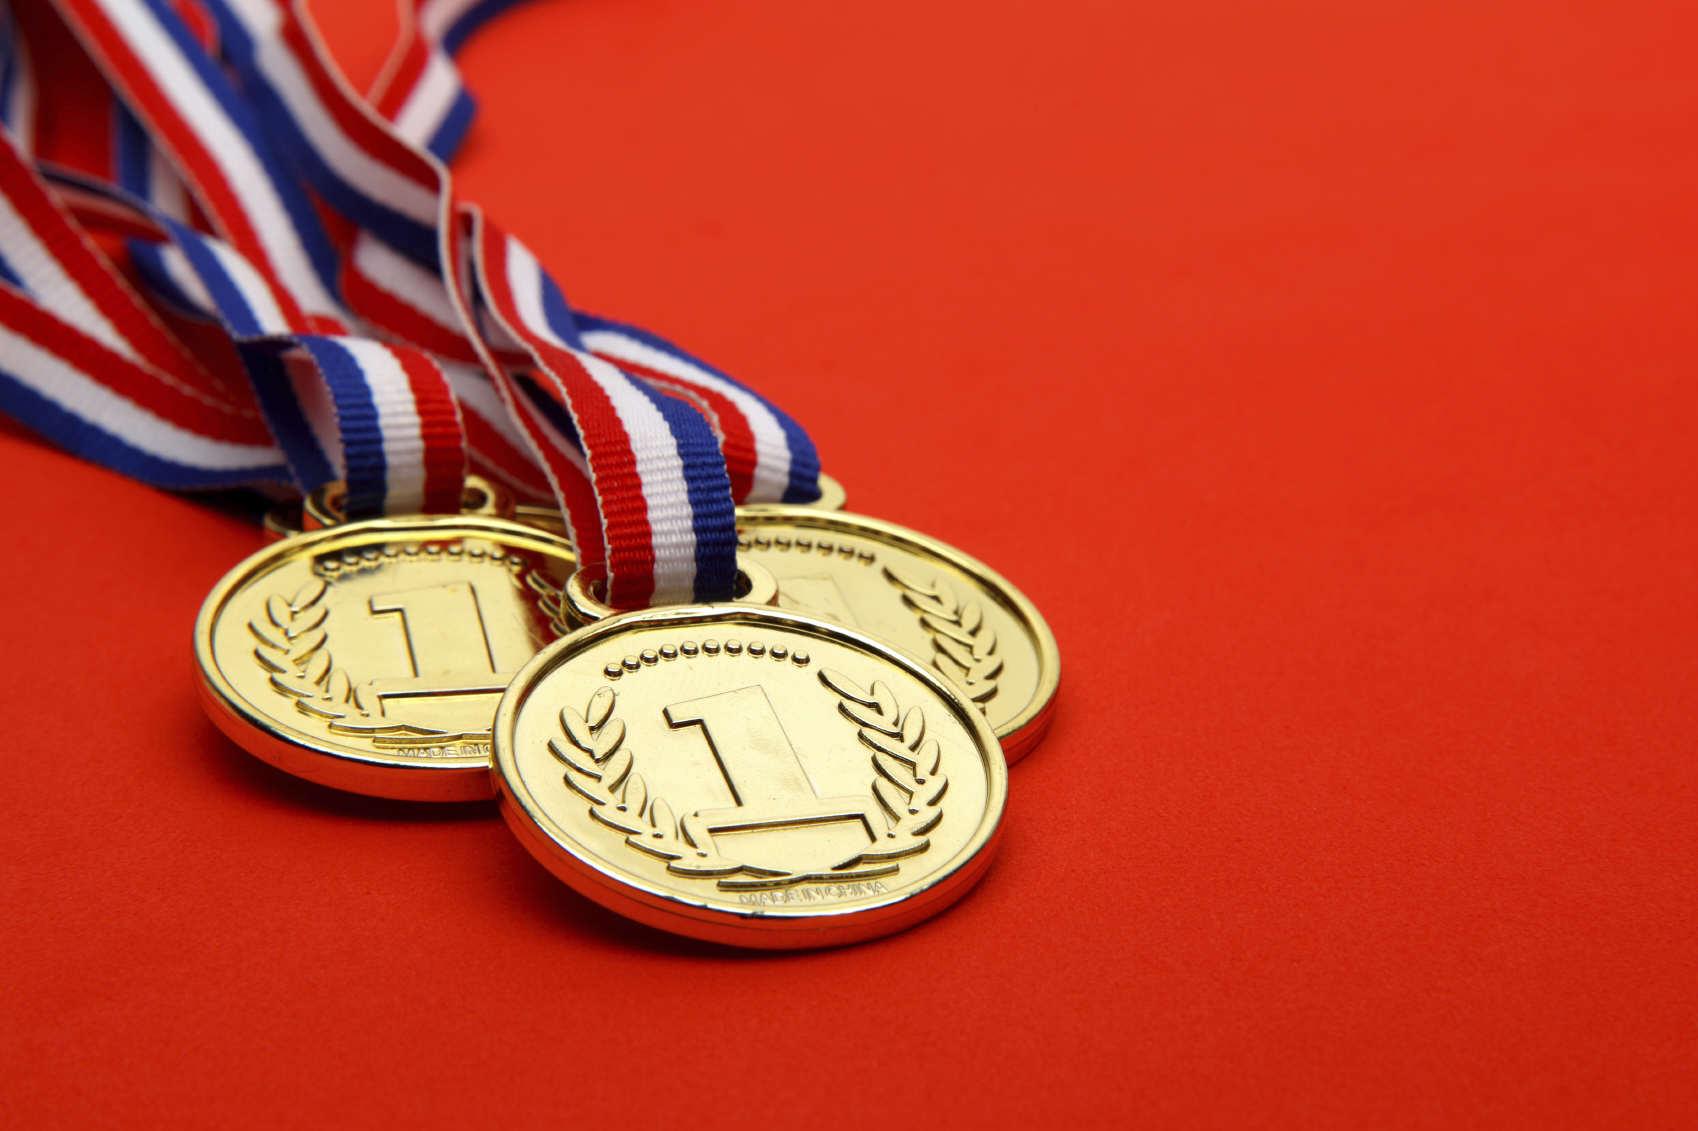 Elevii doljeni, rezultate foarte bune la olimpiadele naționale